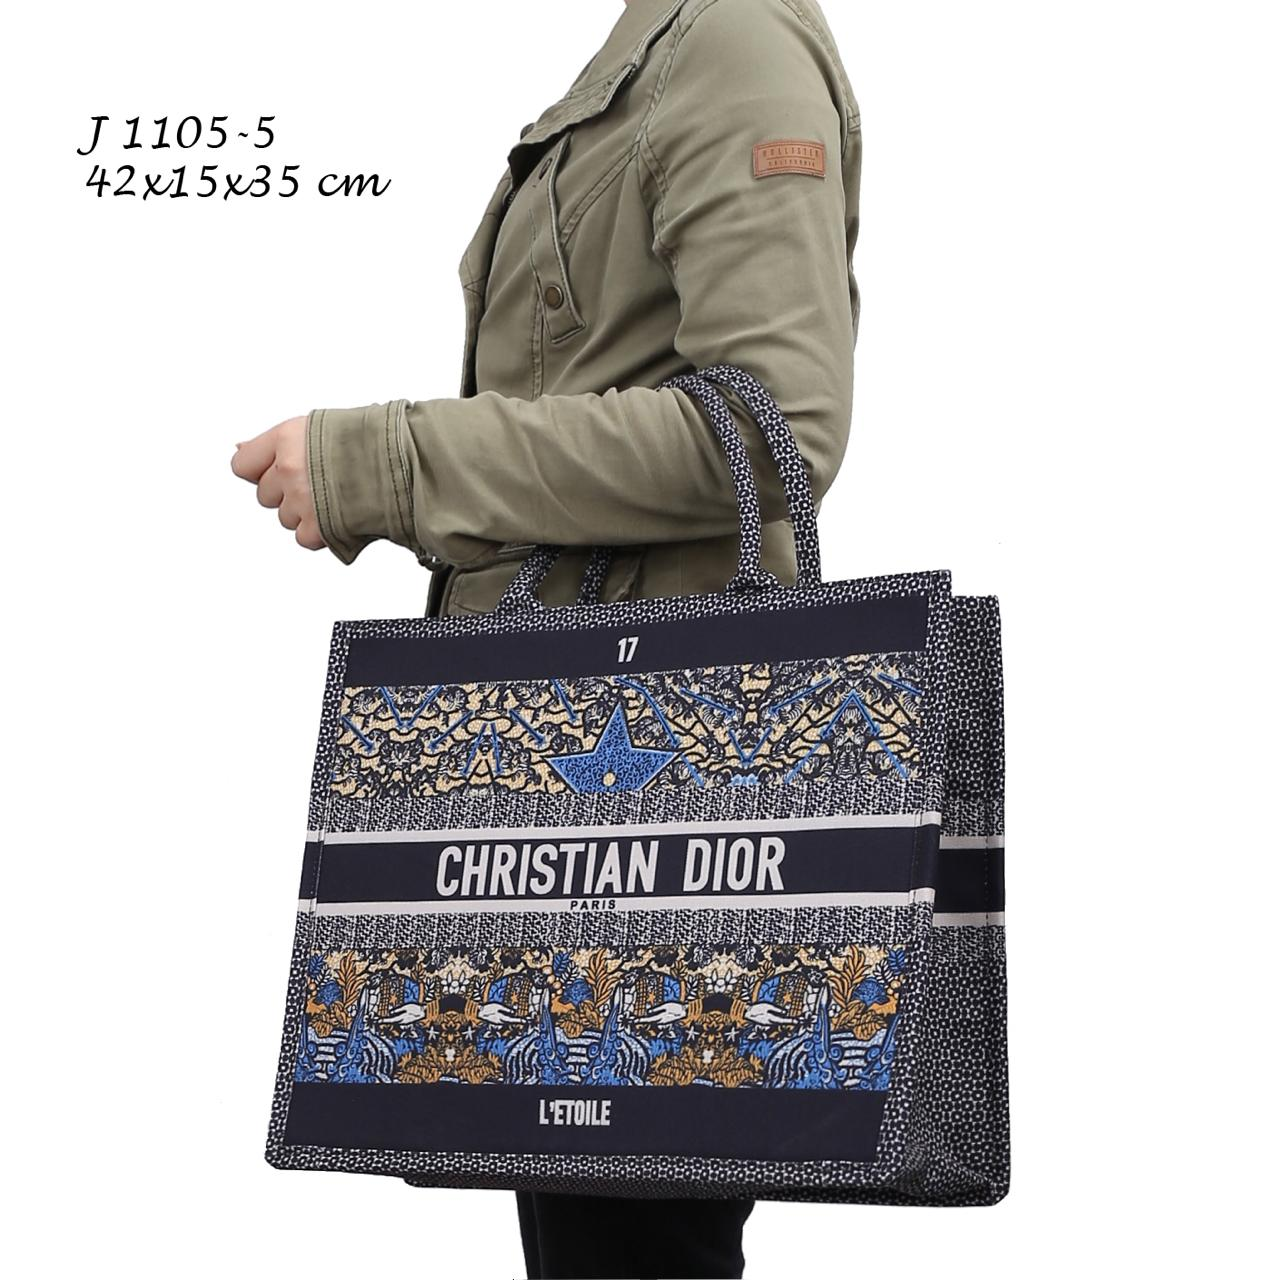 tas dior mutiara murah 2020 1105-5JZtas christian dior croco,tas christian dior semi premium, tas christian dior ori